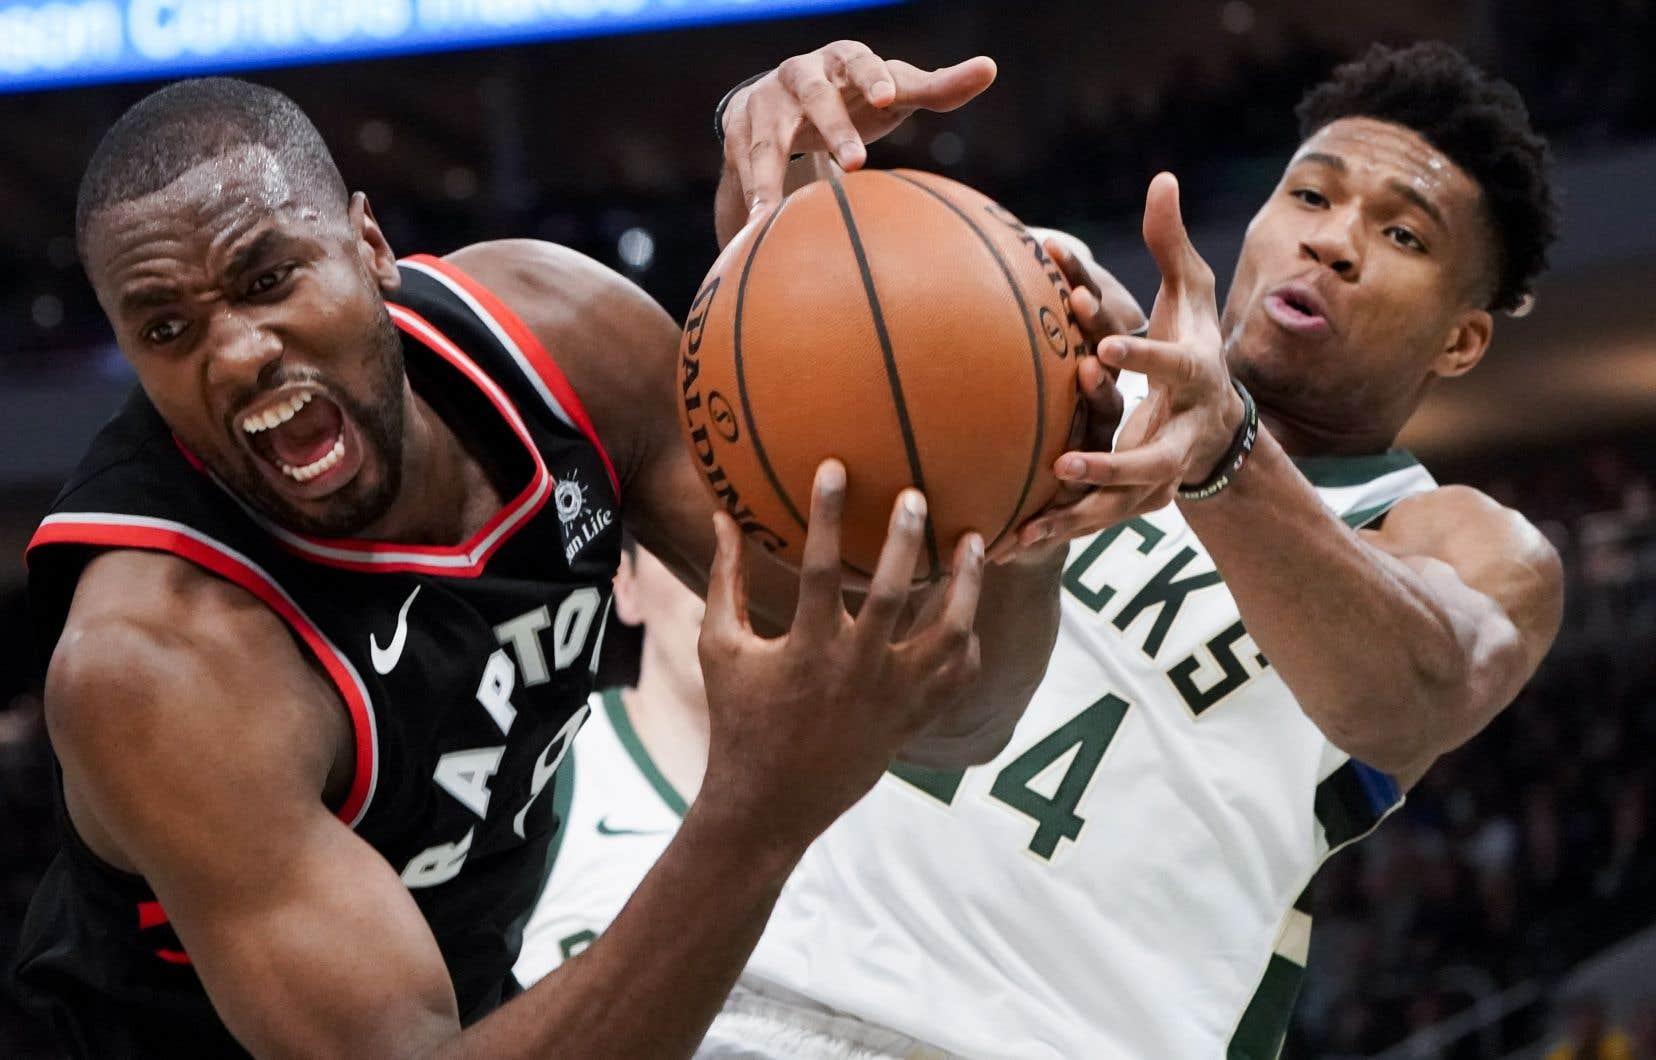 Giannis Antetokounmpo a marqué 30points et cueilli 17 rebonds pour mener les Bucks de Milwaukee vers une victoire de 125-103 contre les Raptors de Toronto.